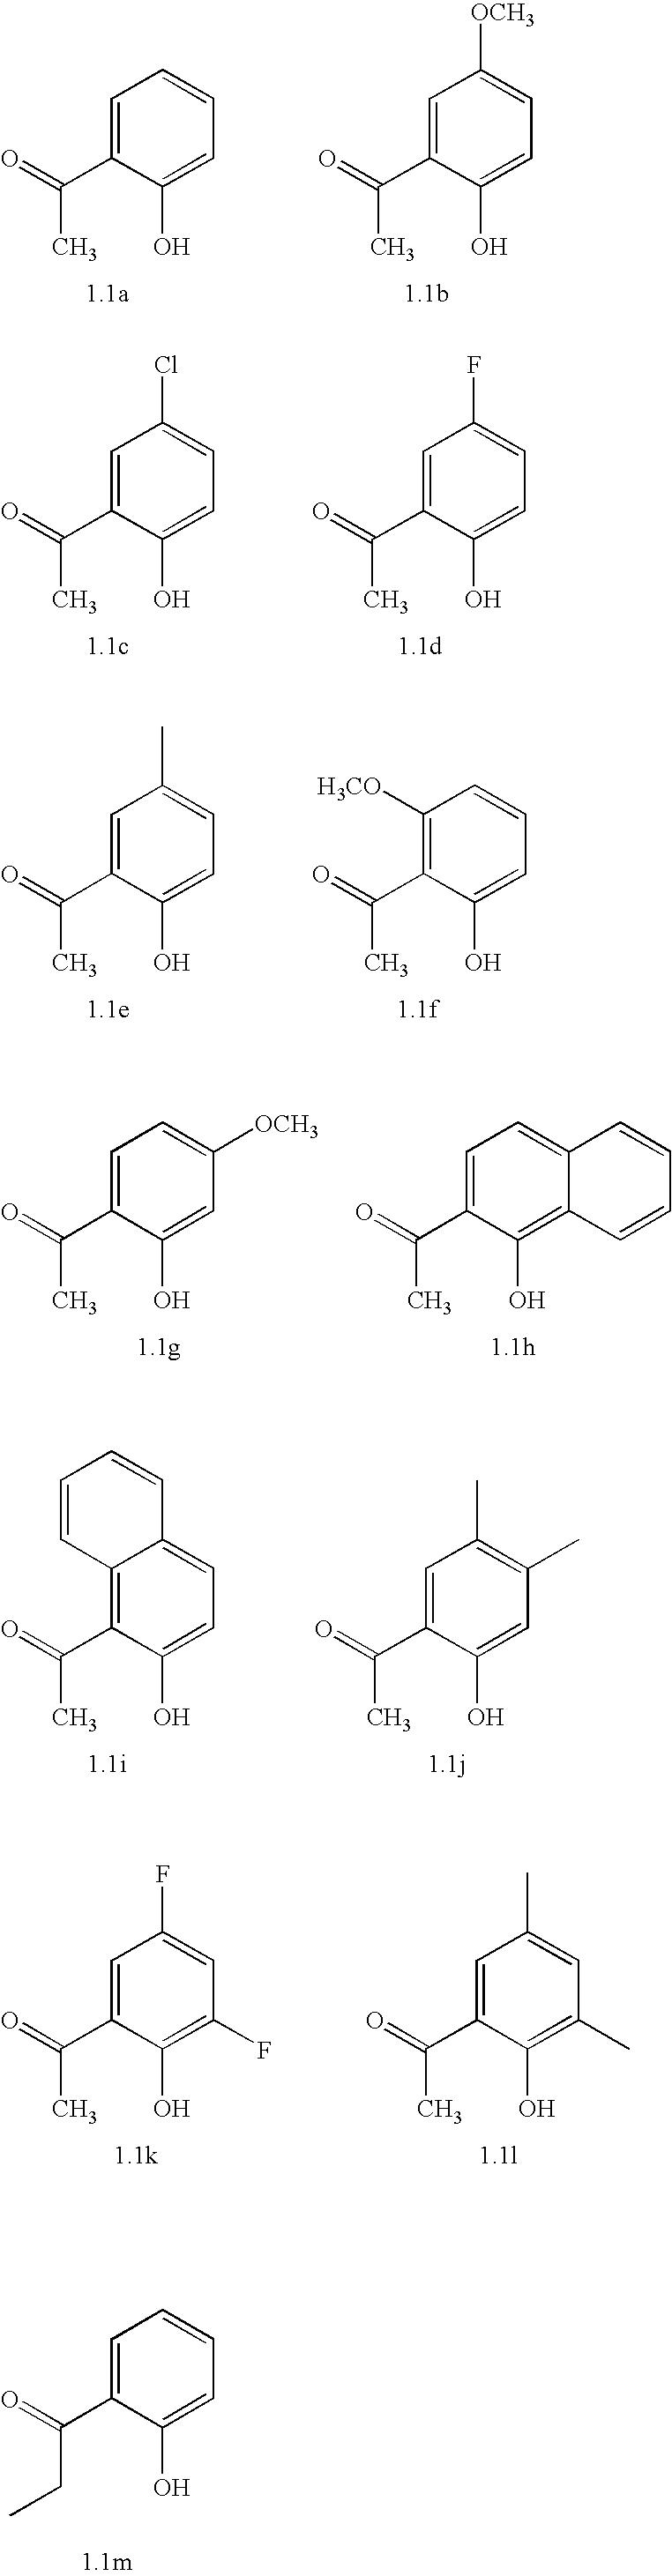 Figure US07598261-20091006-C00117